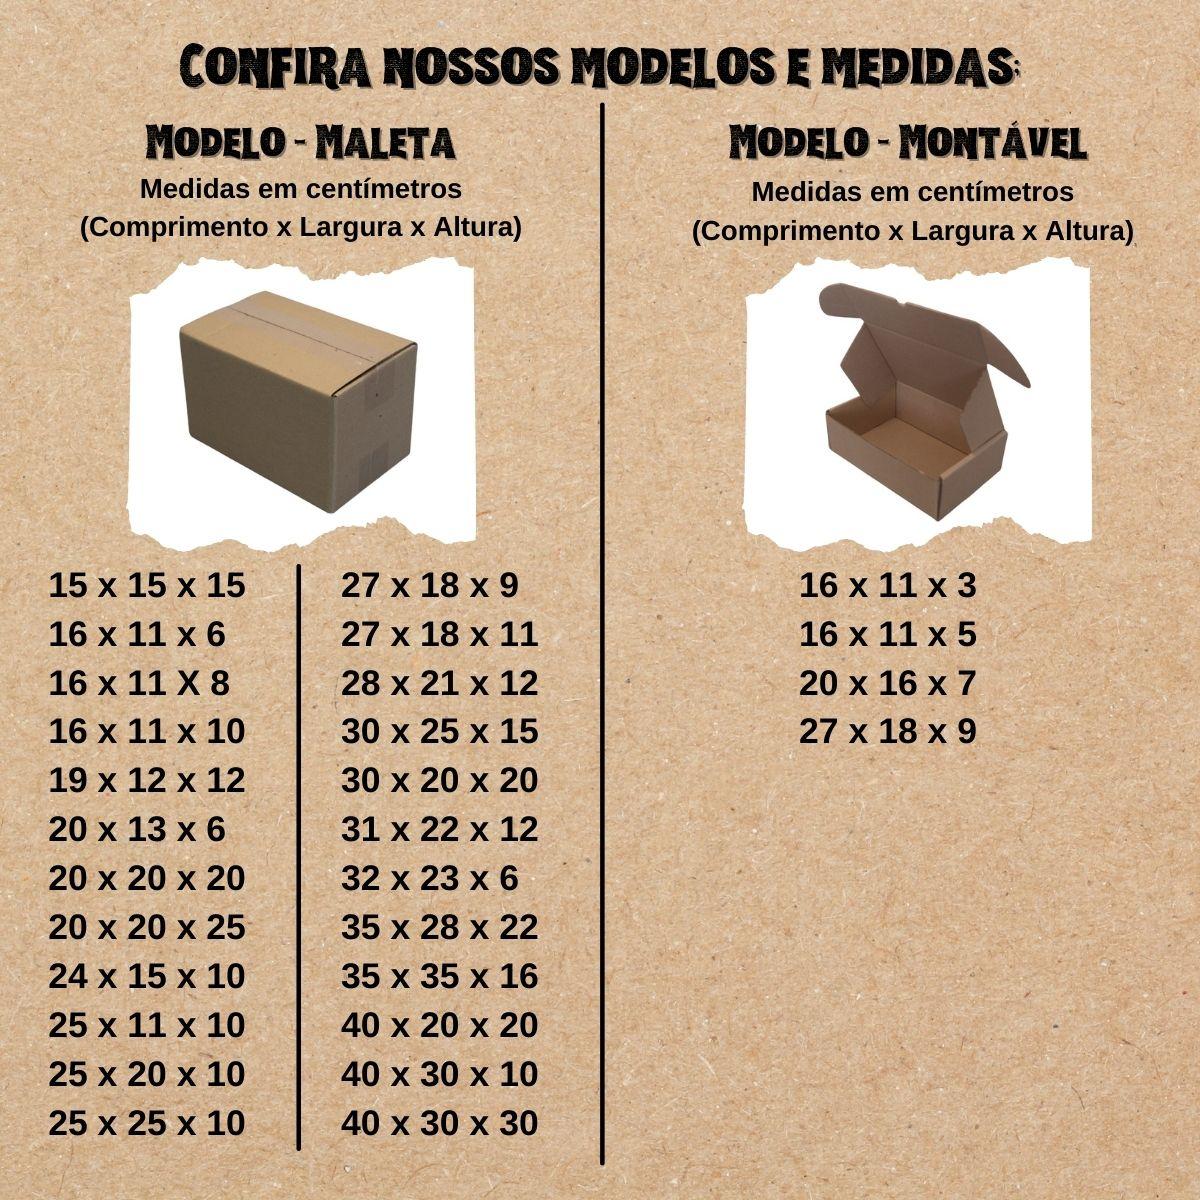 10 Caixas de Papelao (35X28X22)cm - Sedex / Pac / Correios